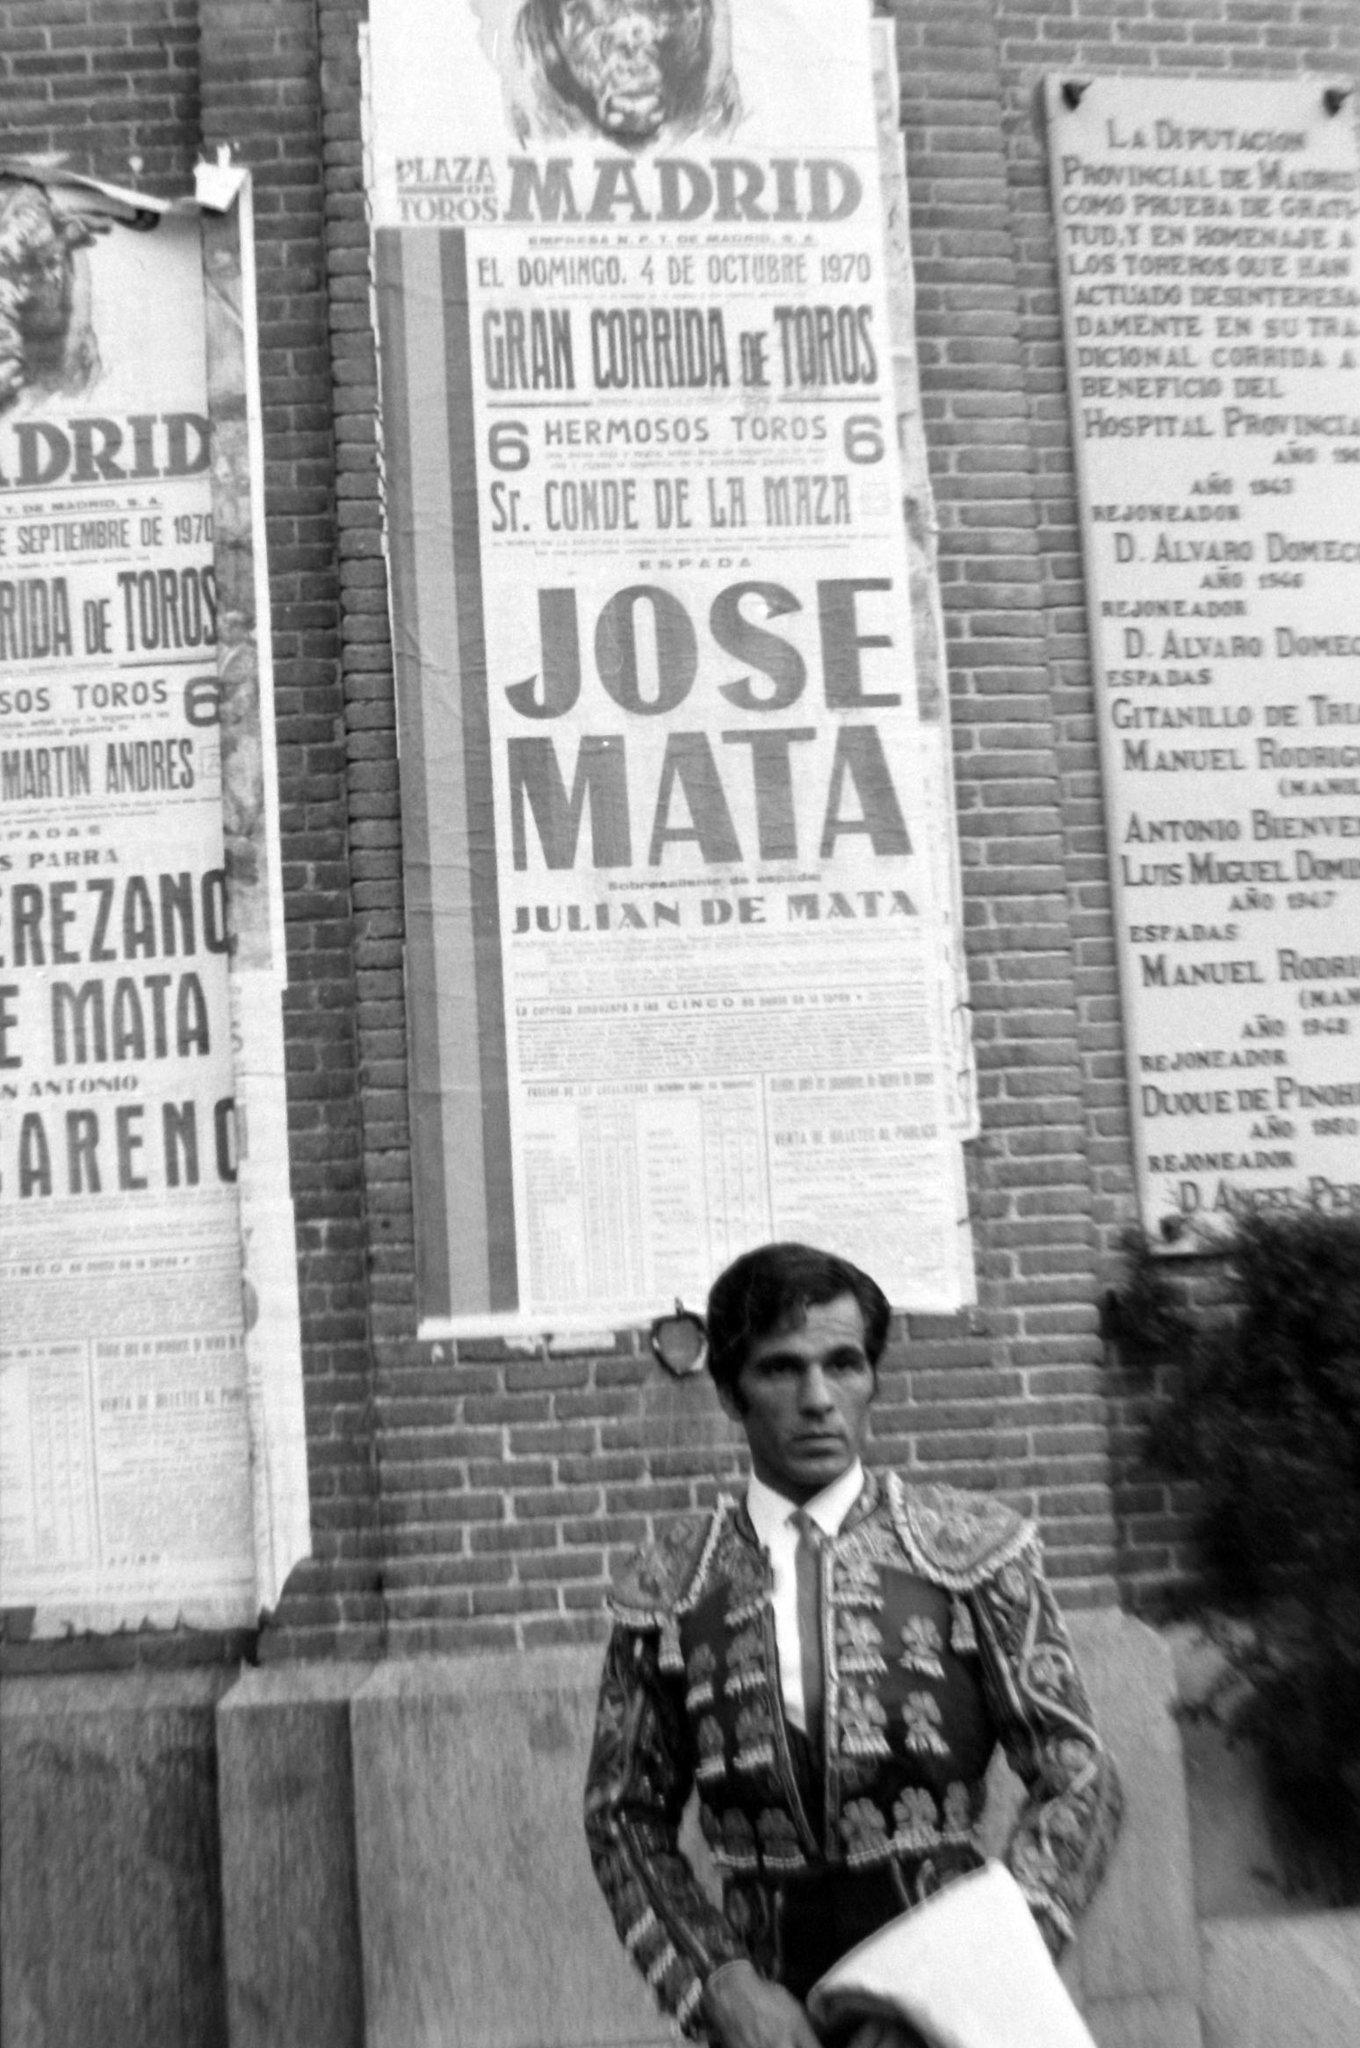 José Mata, Plaza de Toros de Mad